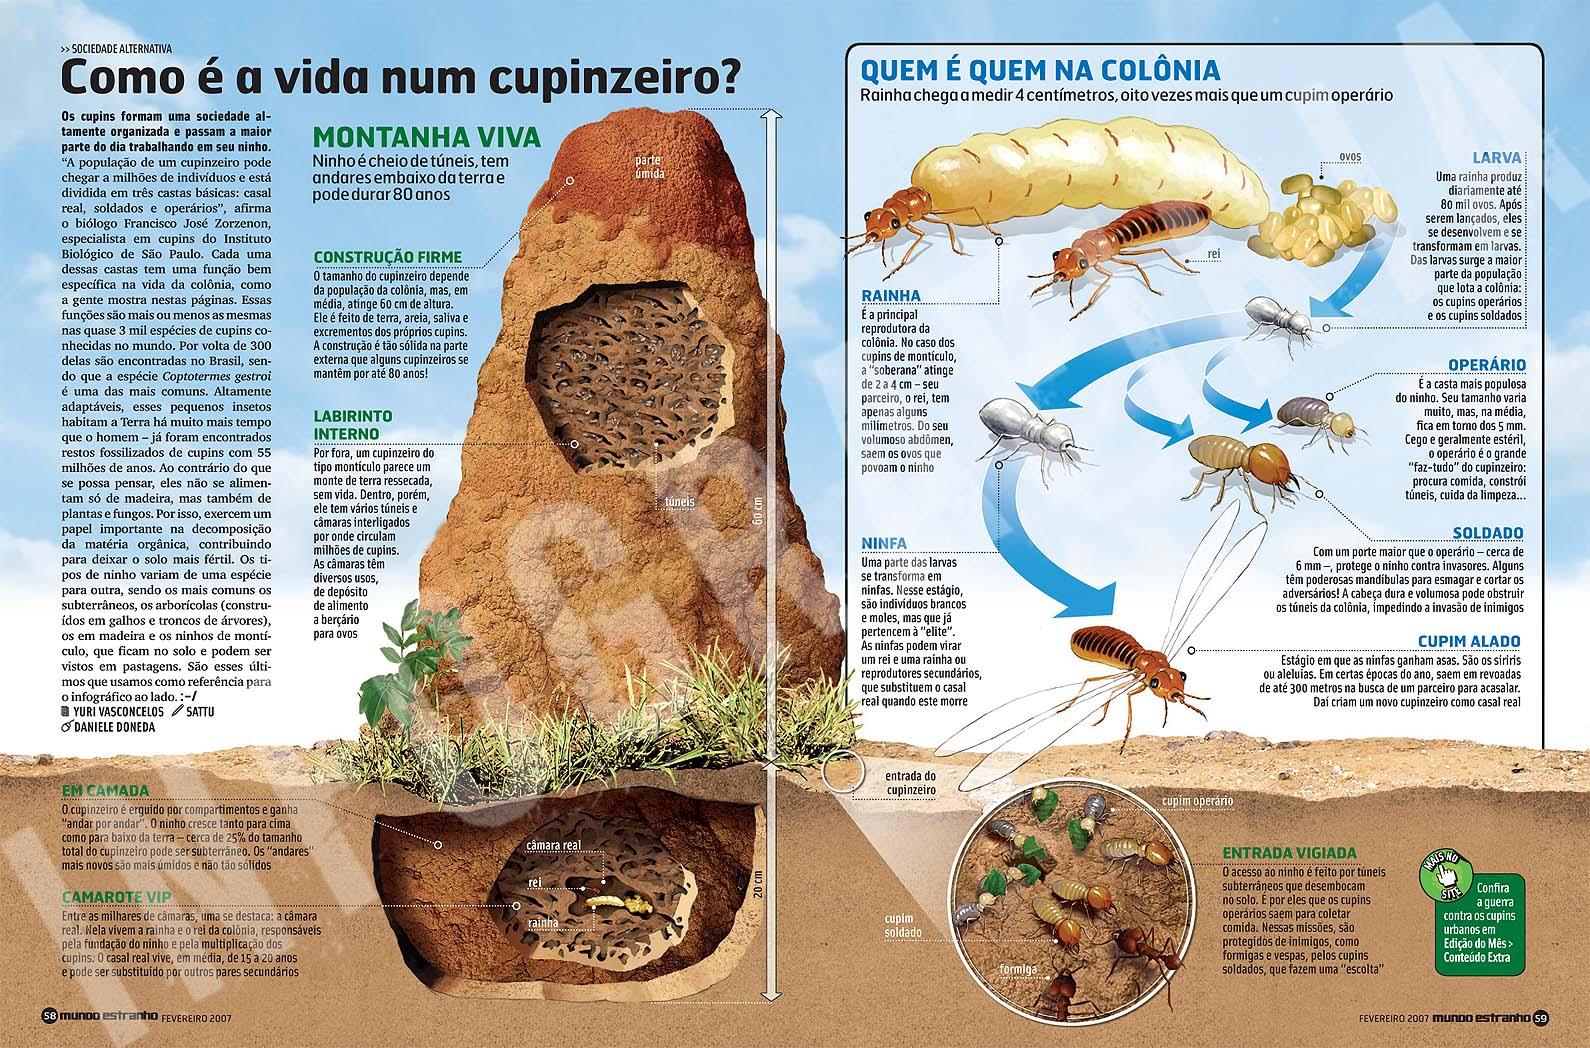 INFO+CUPINZEIRO.jpg (1590×1048)